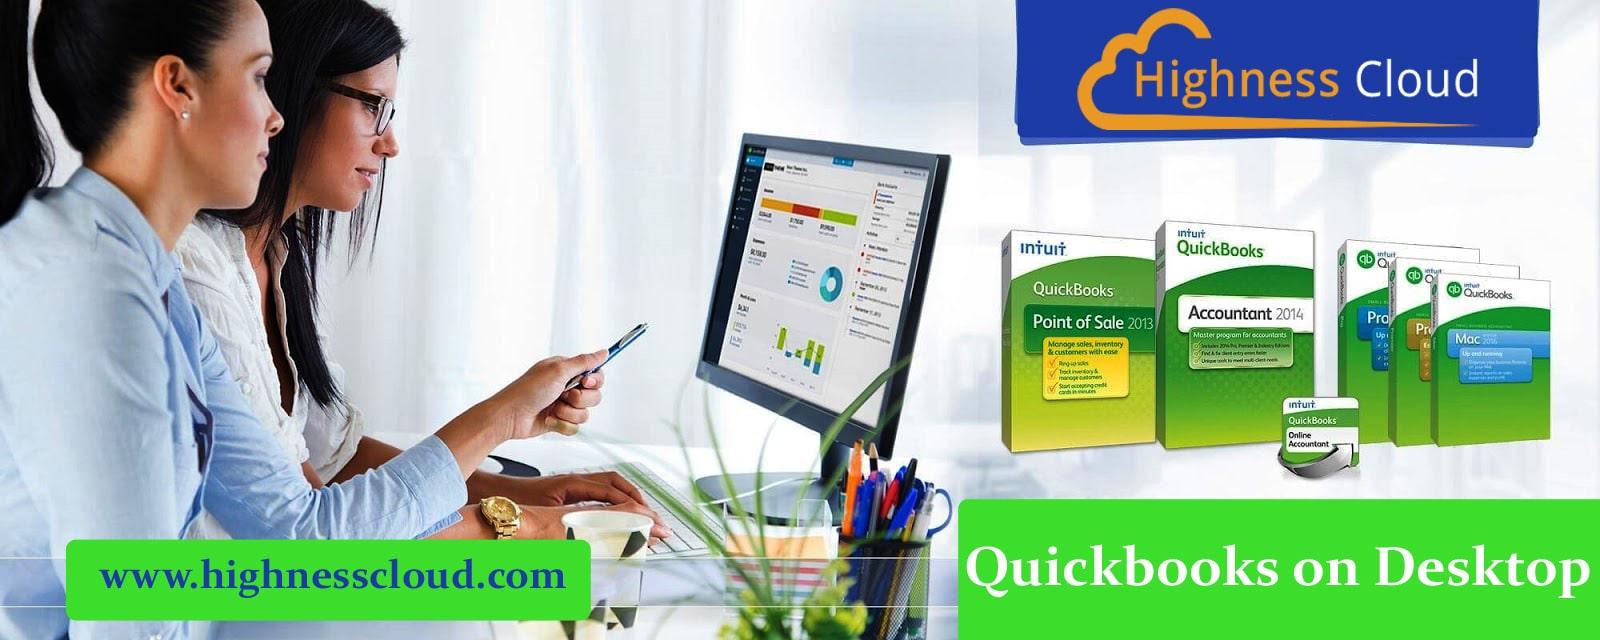 QuickBooks Desktop on the cloud